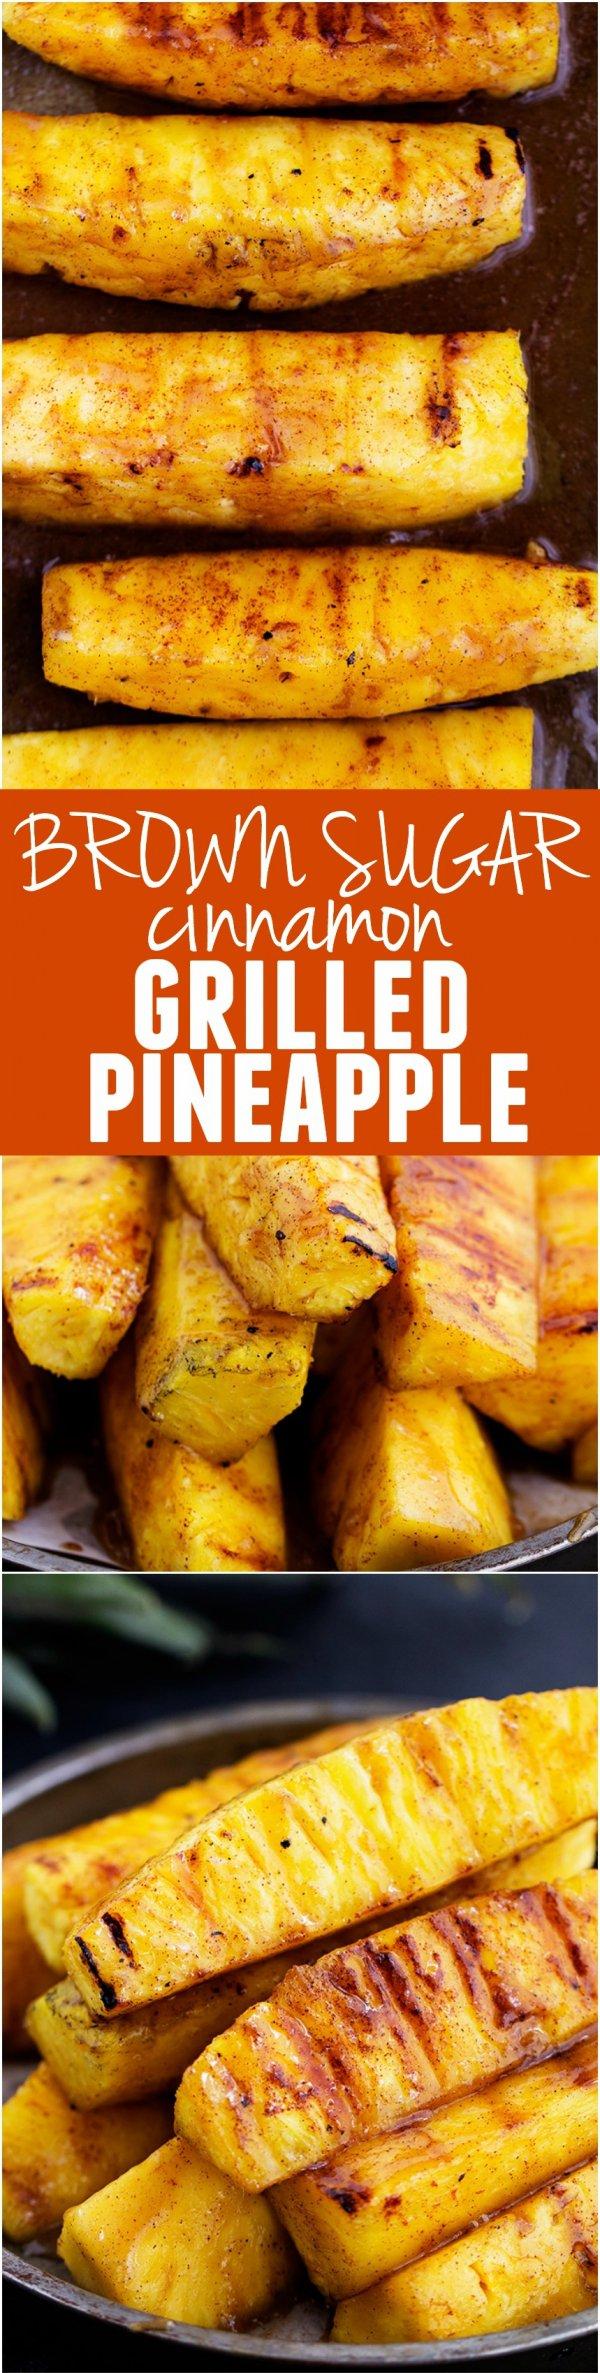 Brown Sugar Cinnamon Grilled Pineapple